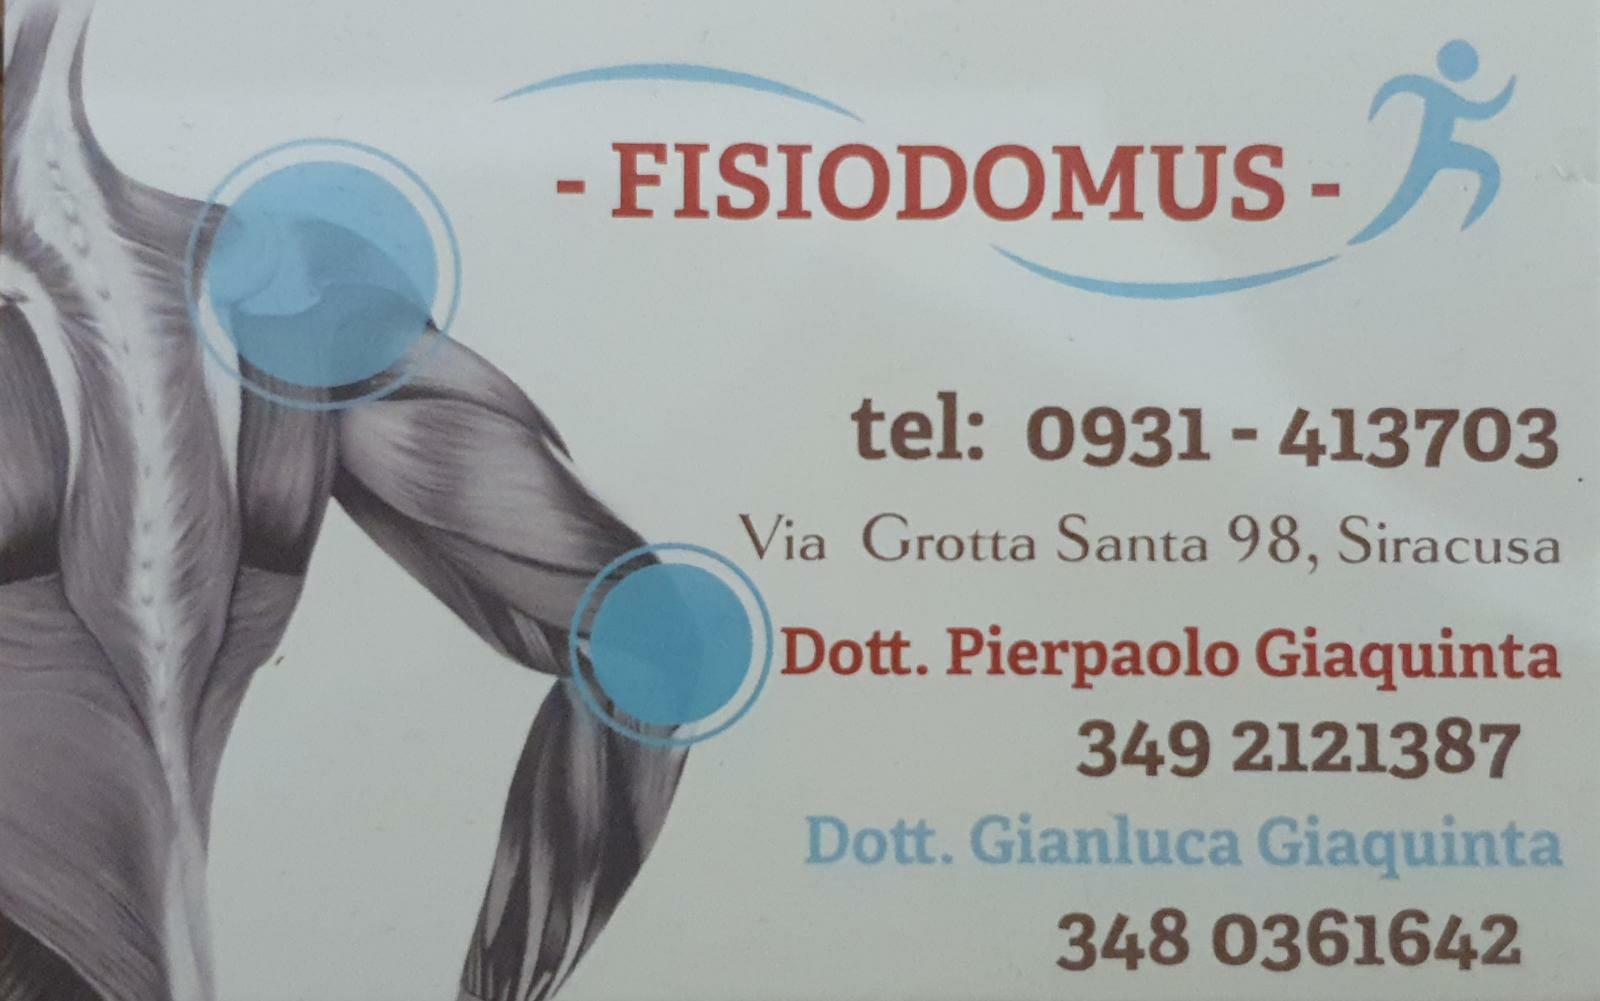 FISIODOMUS - Gianluca Giaquinta